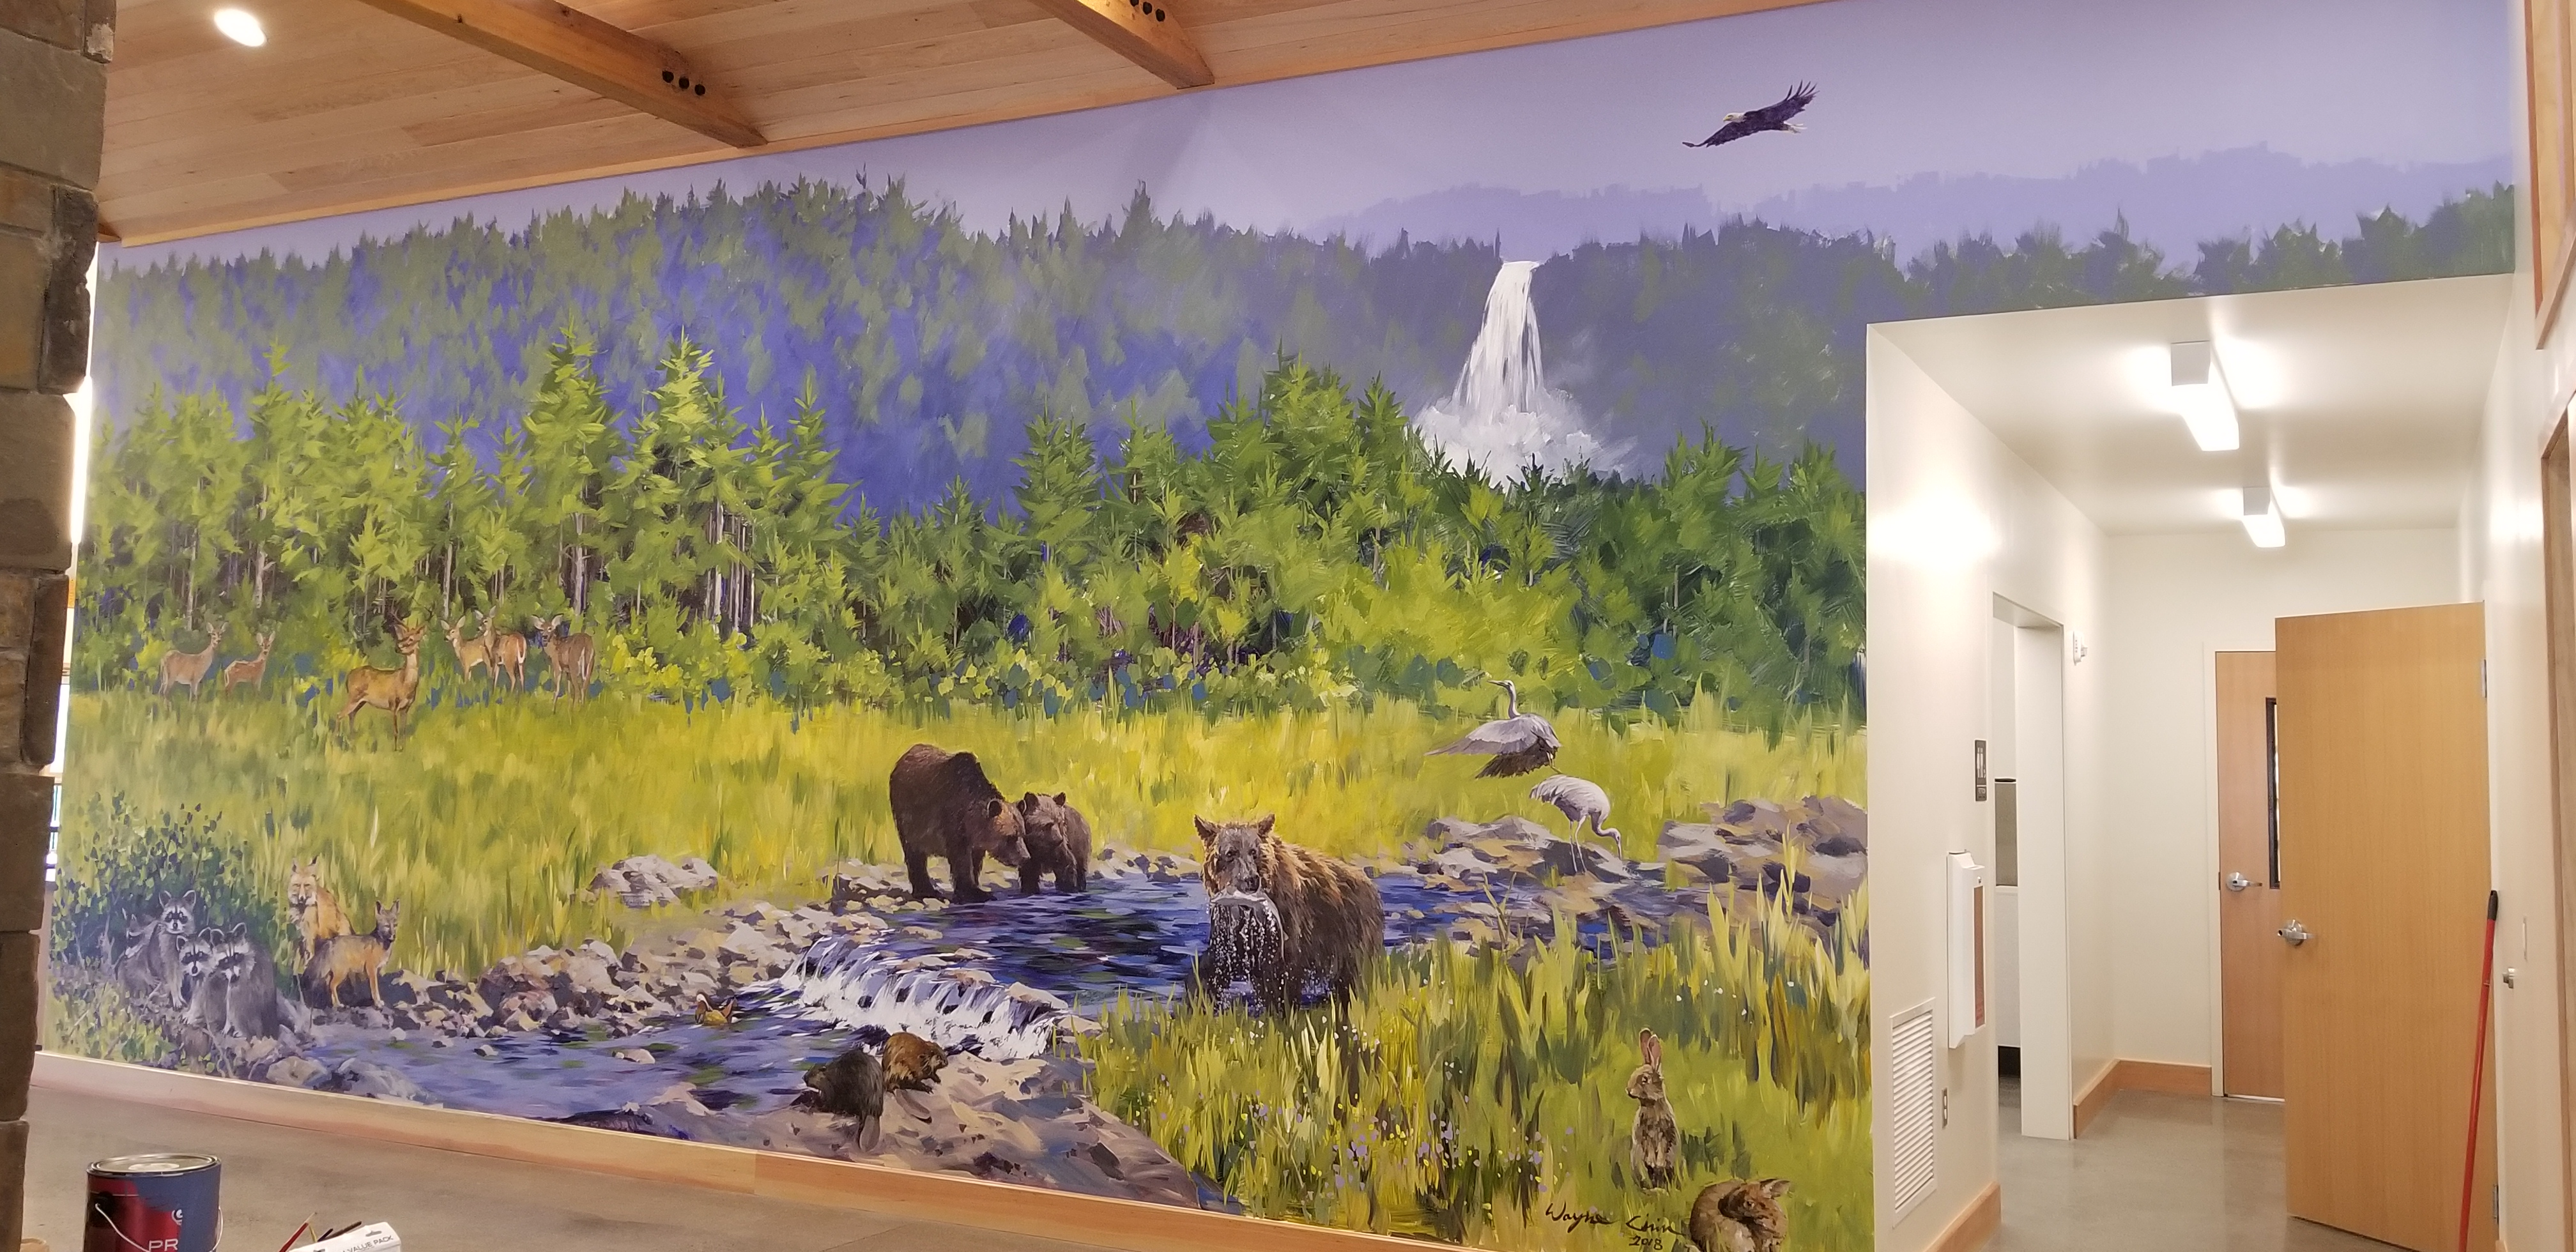 0. Mural